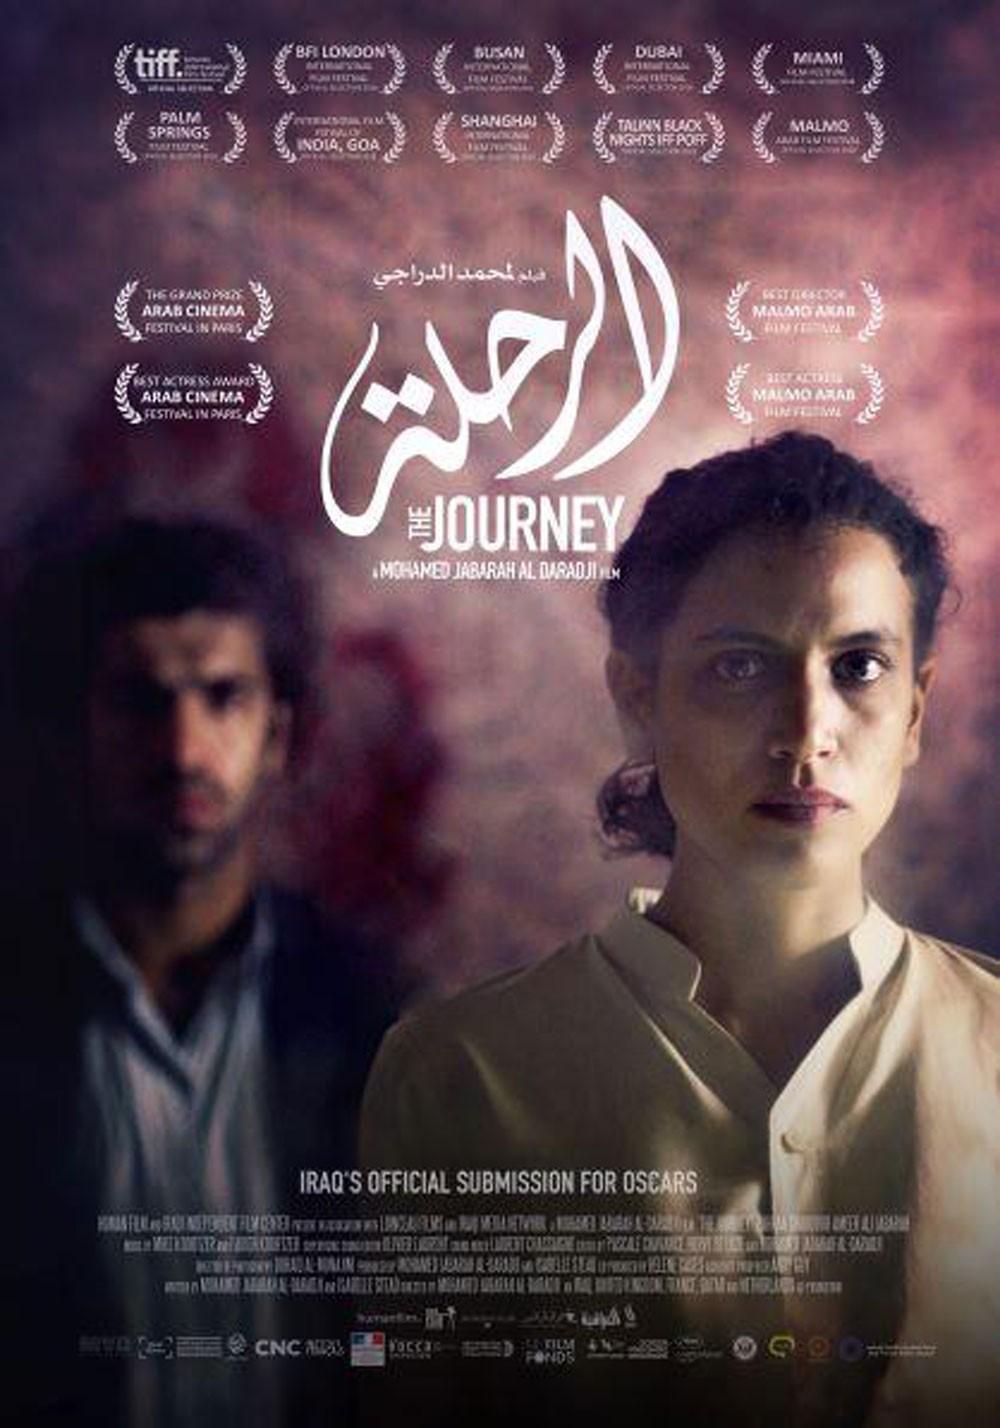 فيلم الرحلة يشارك في مهرجان الرباط الدولي